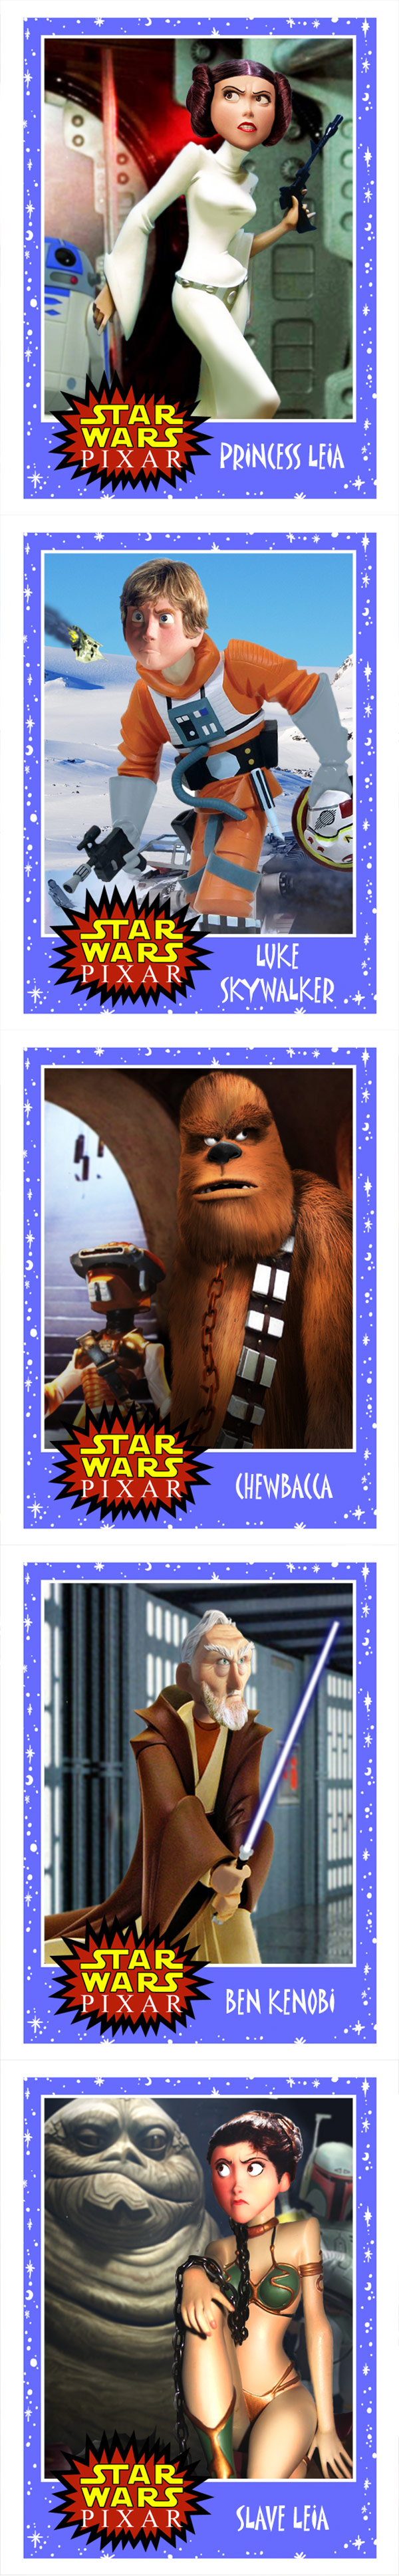 Personajes de Star Wars versión Pixar